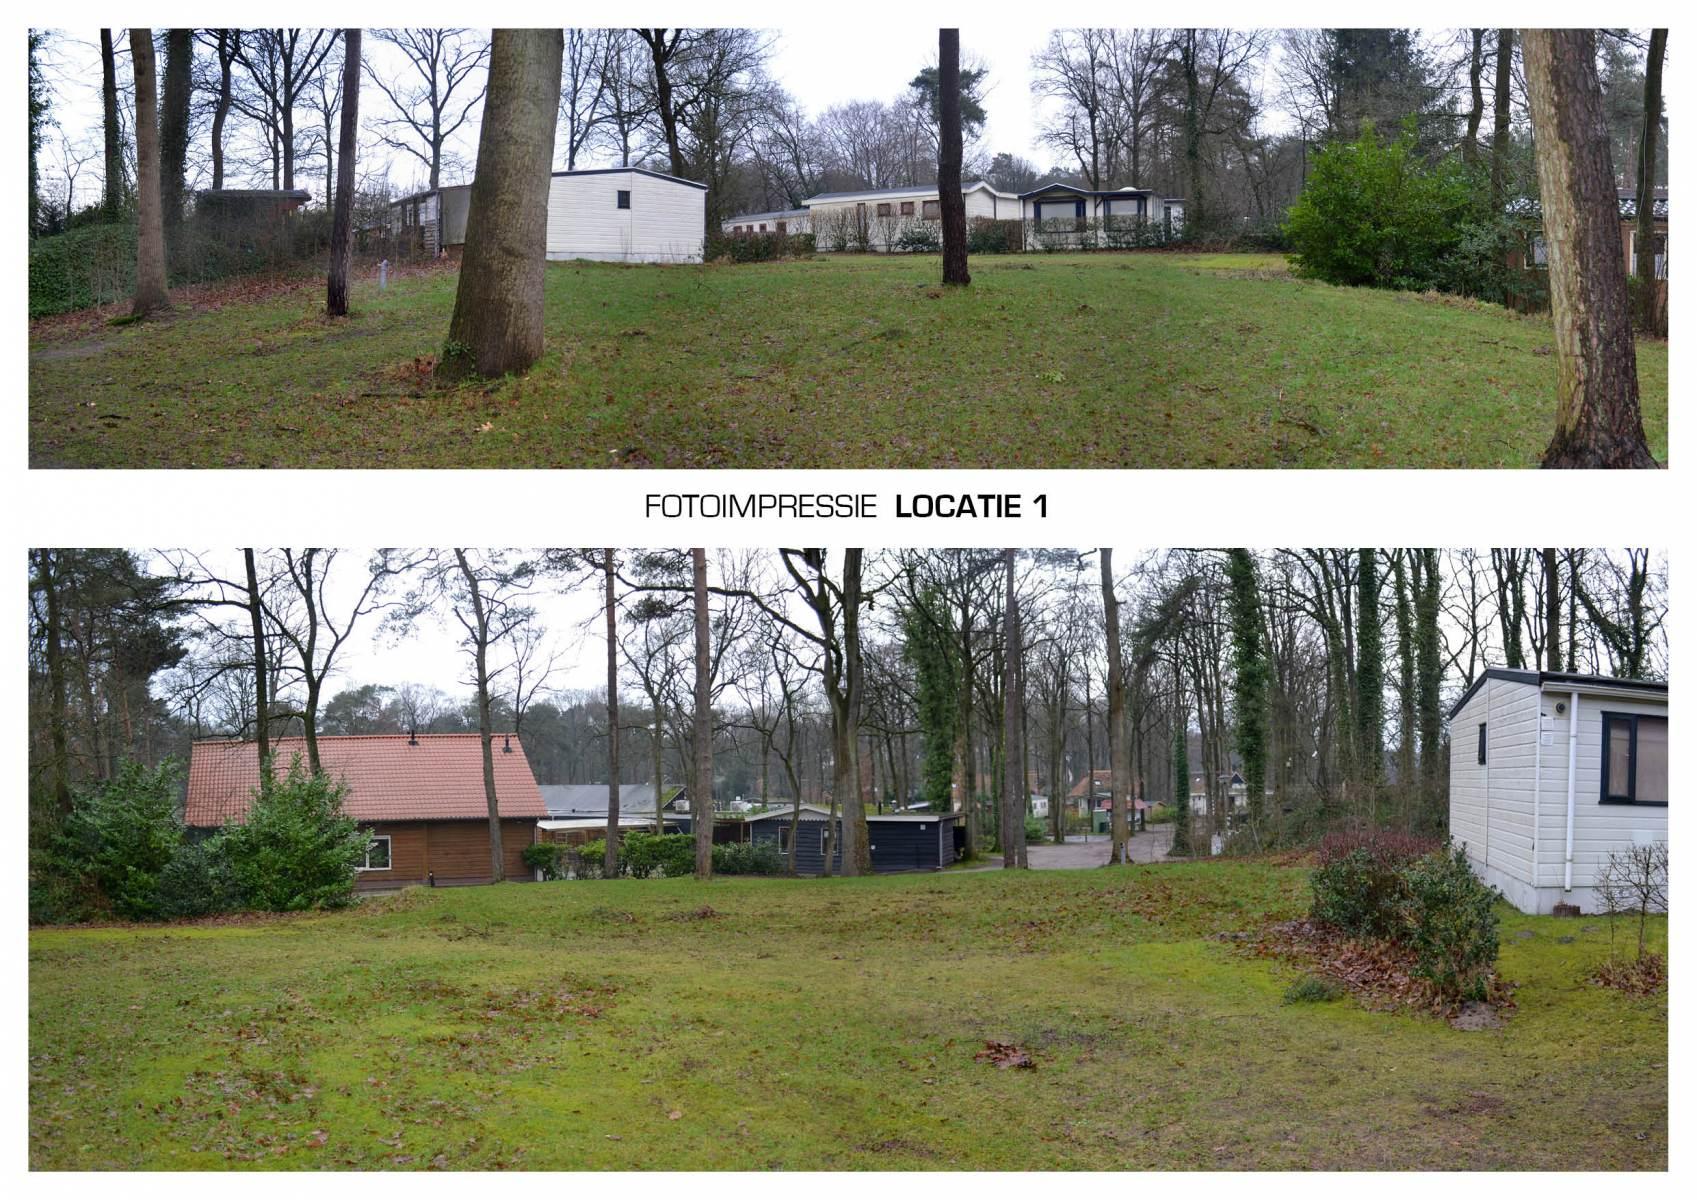 Locatiestudie-Camping-Vossenburcht-Totaal-A33